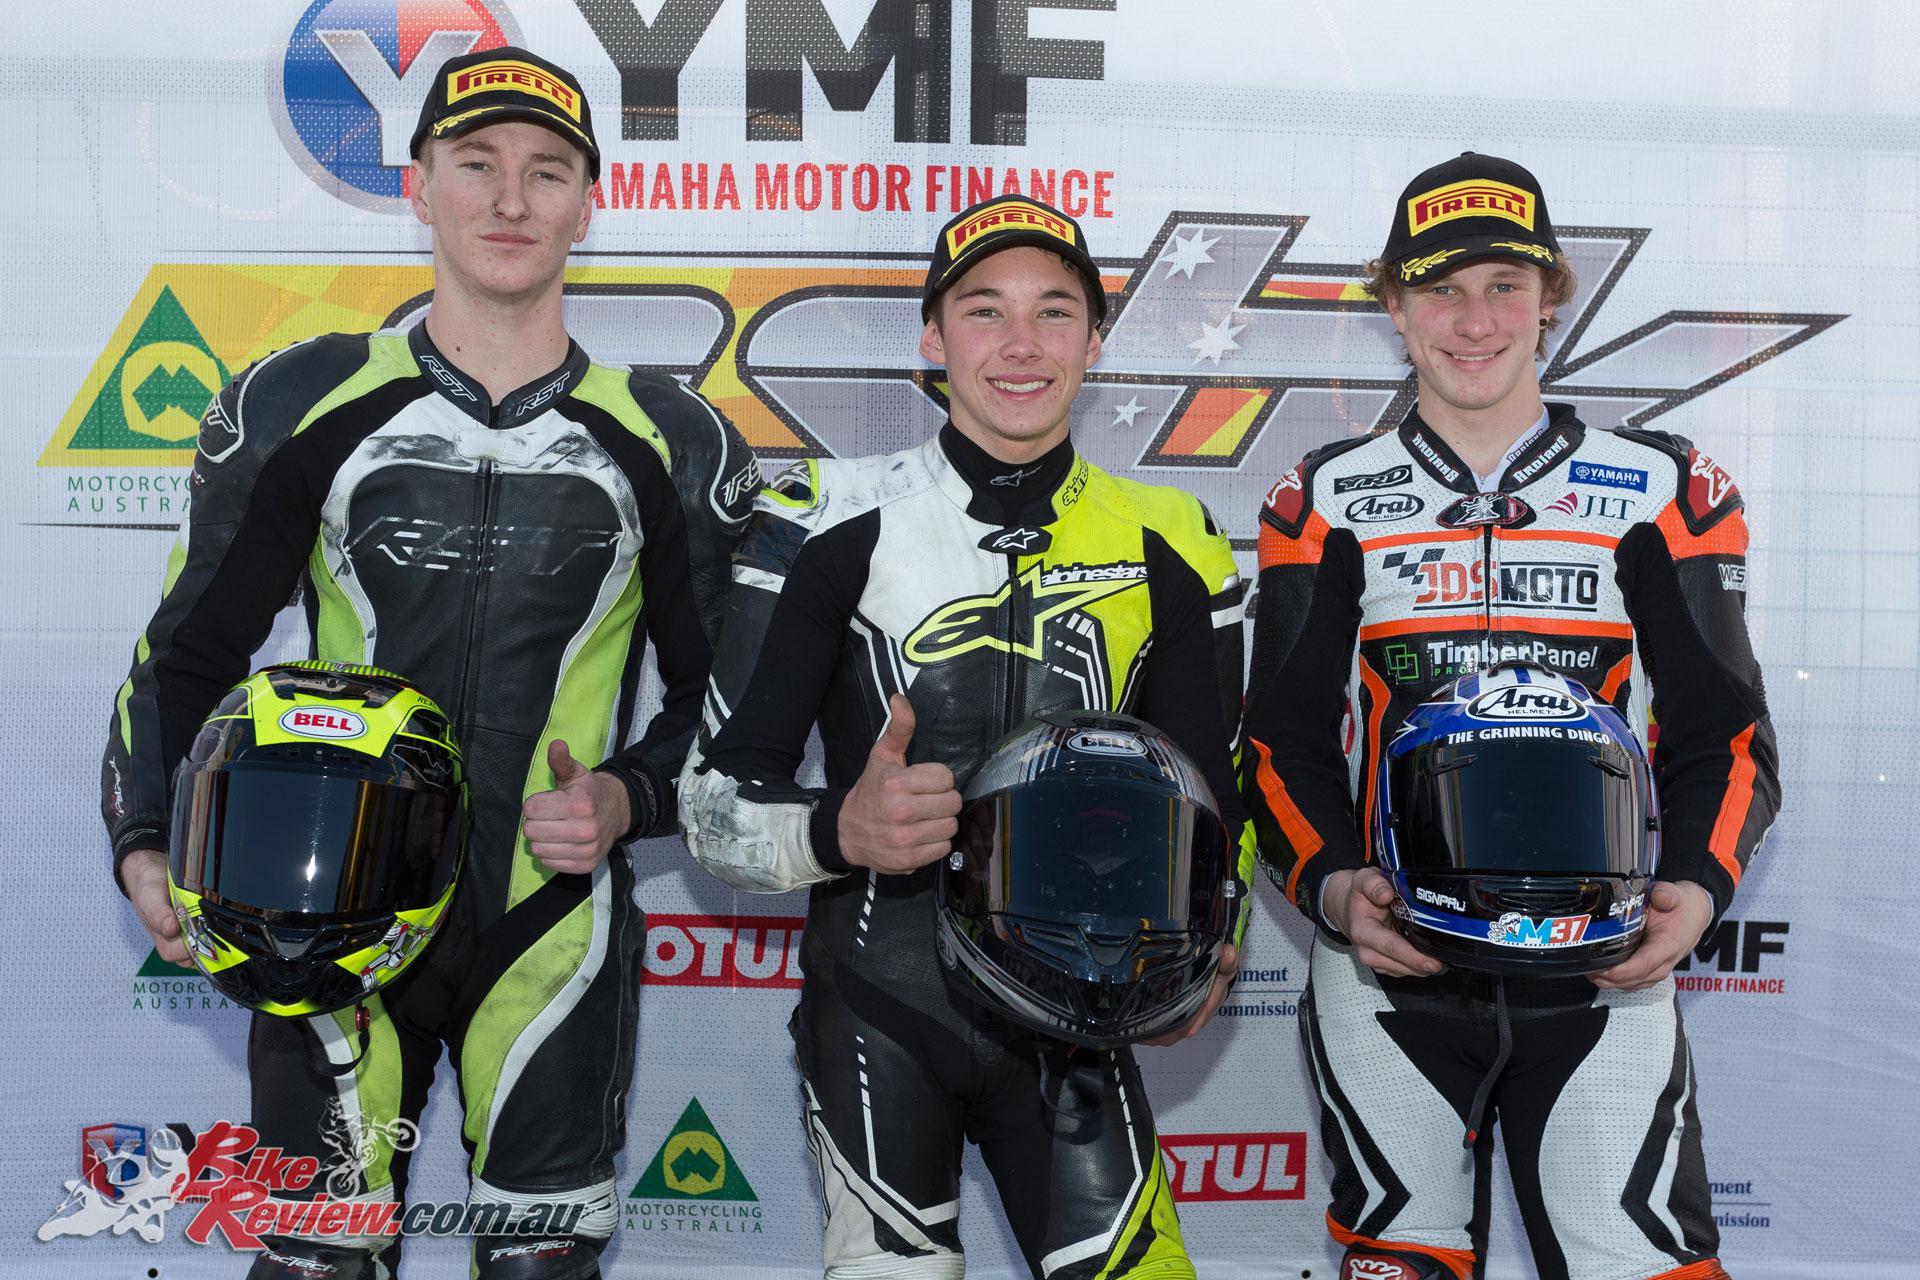 Edwards, Ford, Mahaffy, YMF R3 Cup Podium